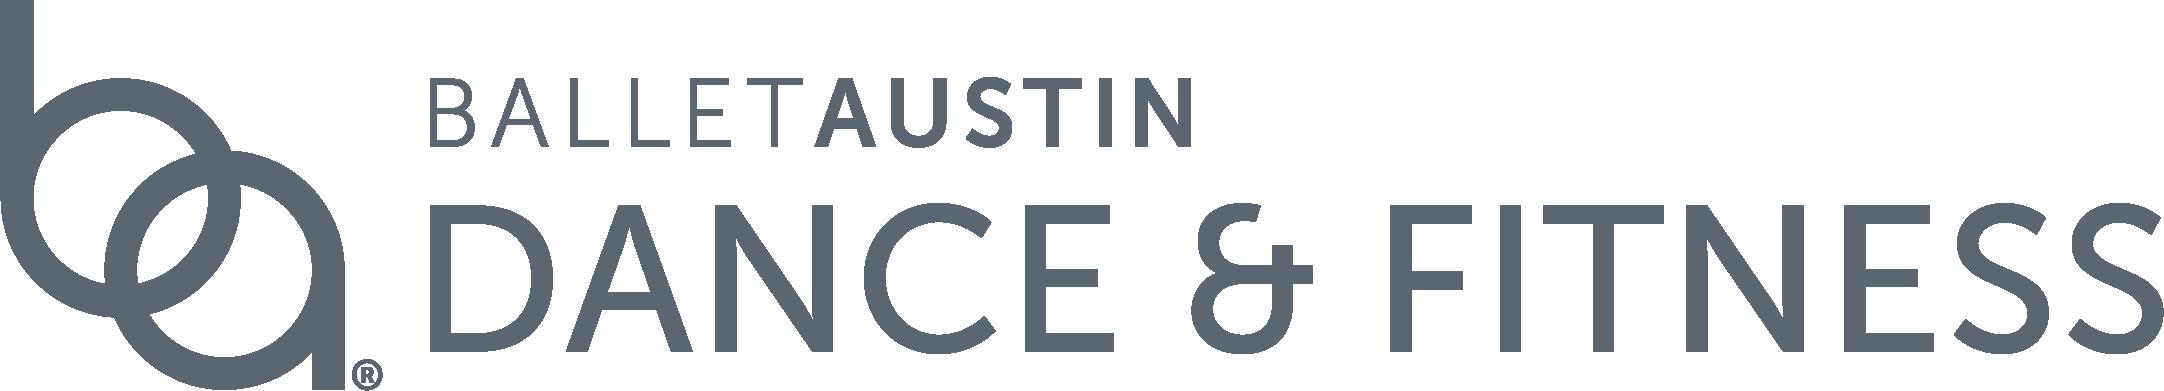 Ballet Austin's Butler Center for Dance & Fitness